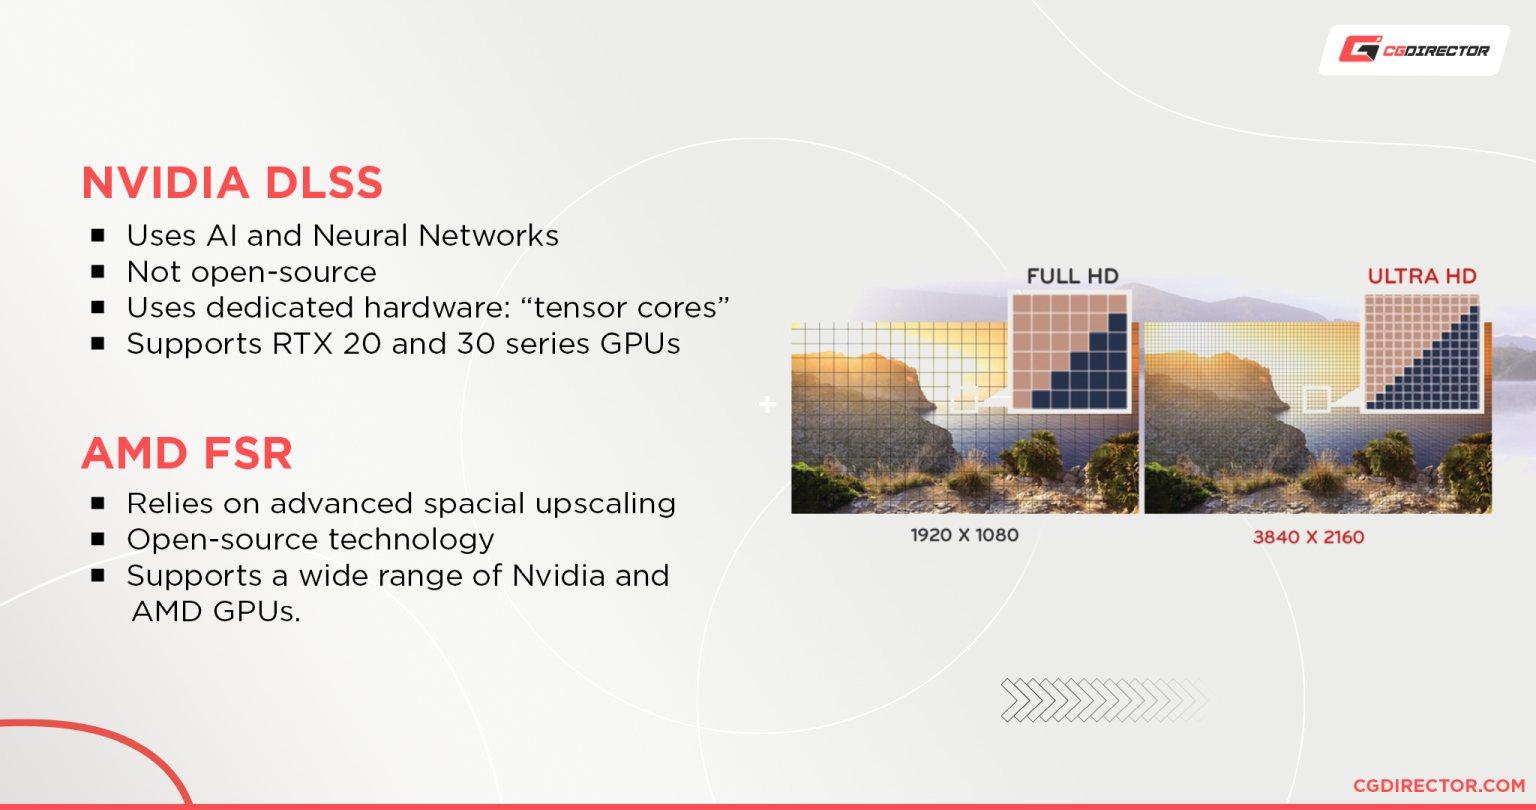 DLSS vs AMD FSR